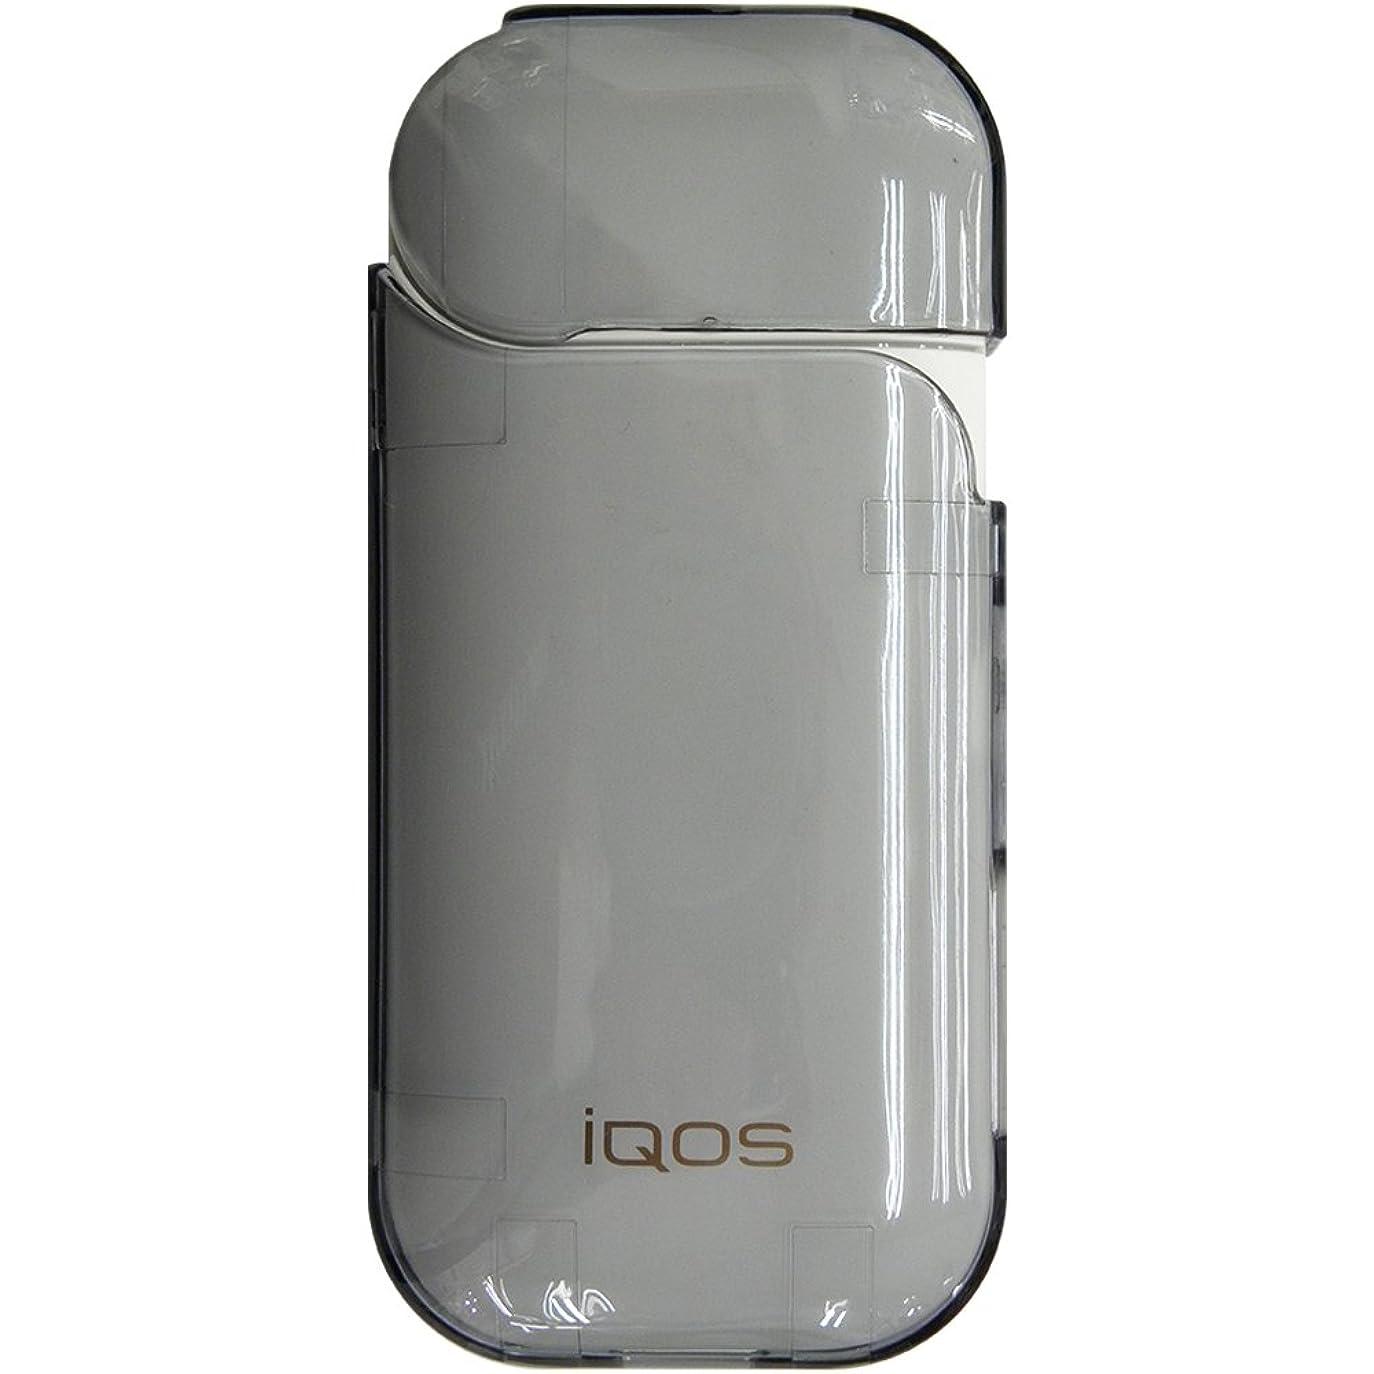 バスルーム不良ズボンアイコスケース iQOS ハード 耐衝撃 耐熱 頑丈 シンプル コンパクト カバー【クリアブラック】